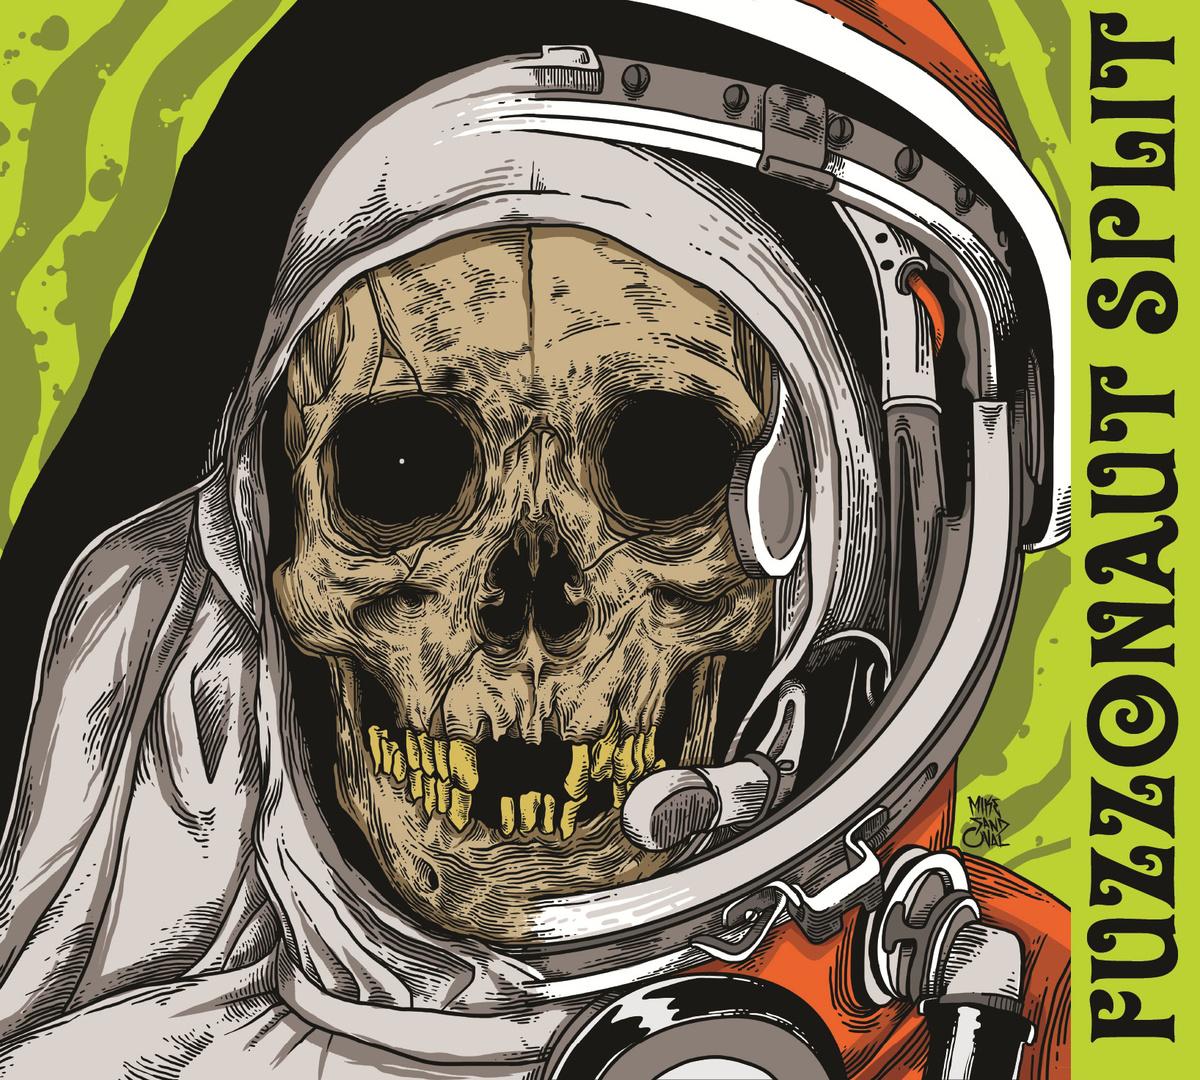 Vinnum Sabbathi & Bar De Monjas - Fuzzonaut Split